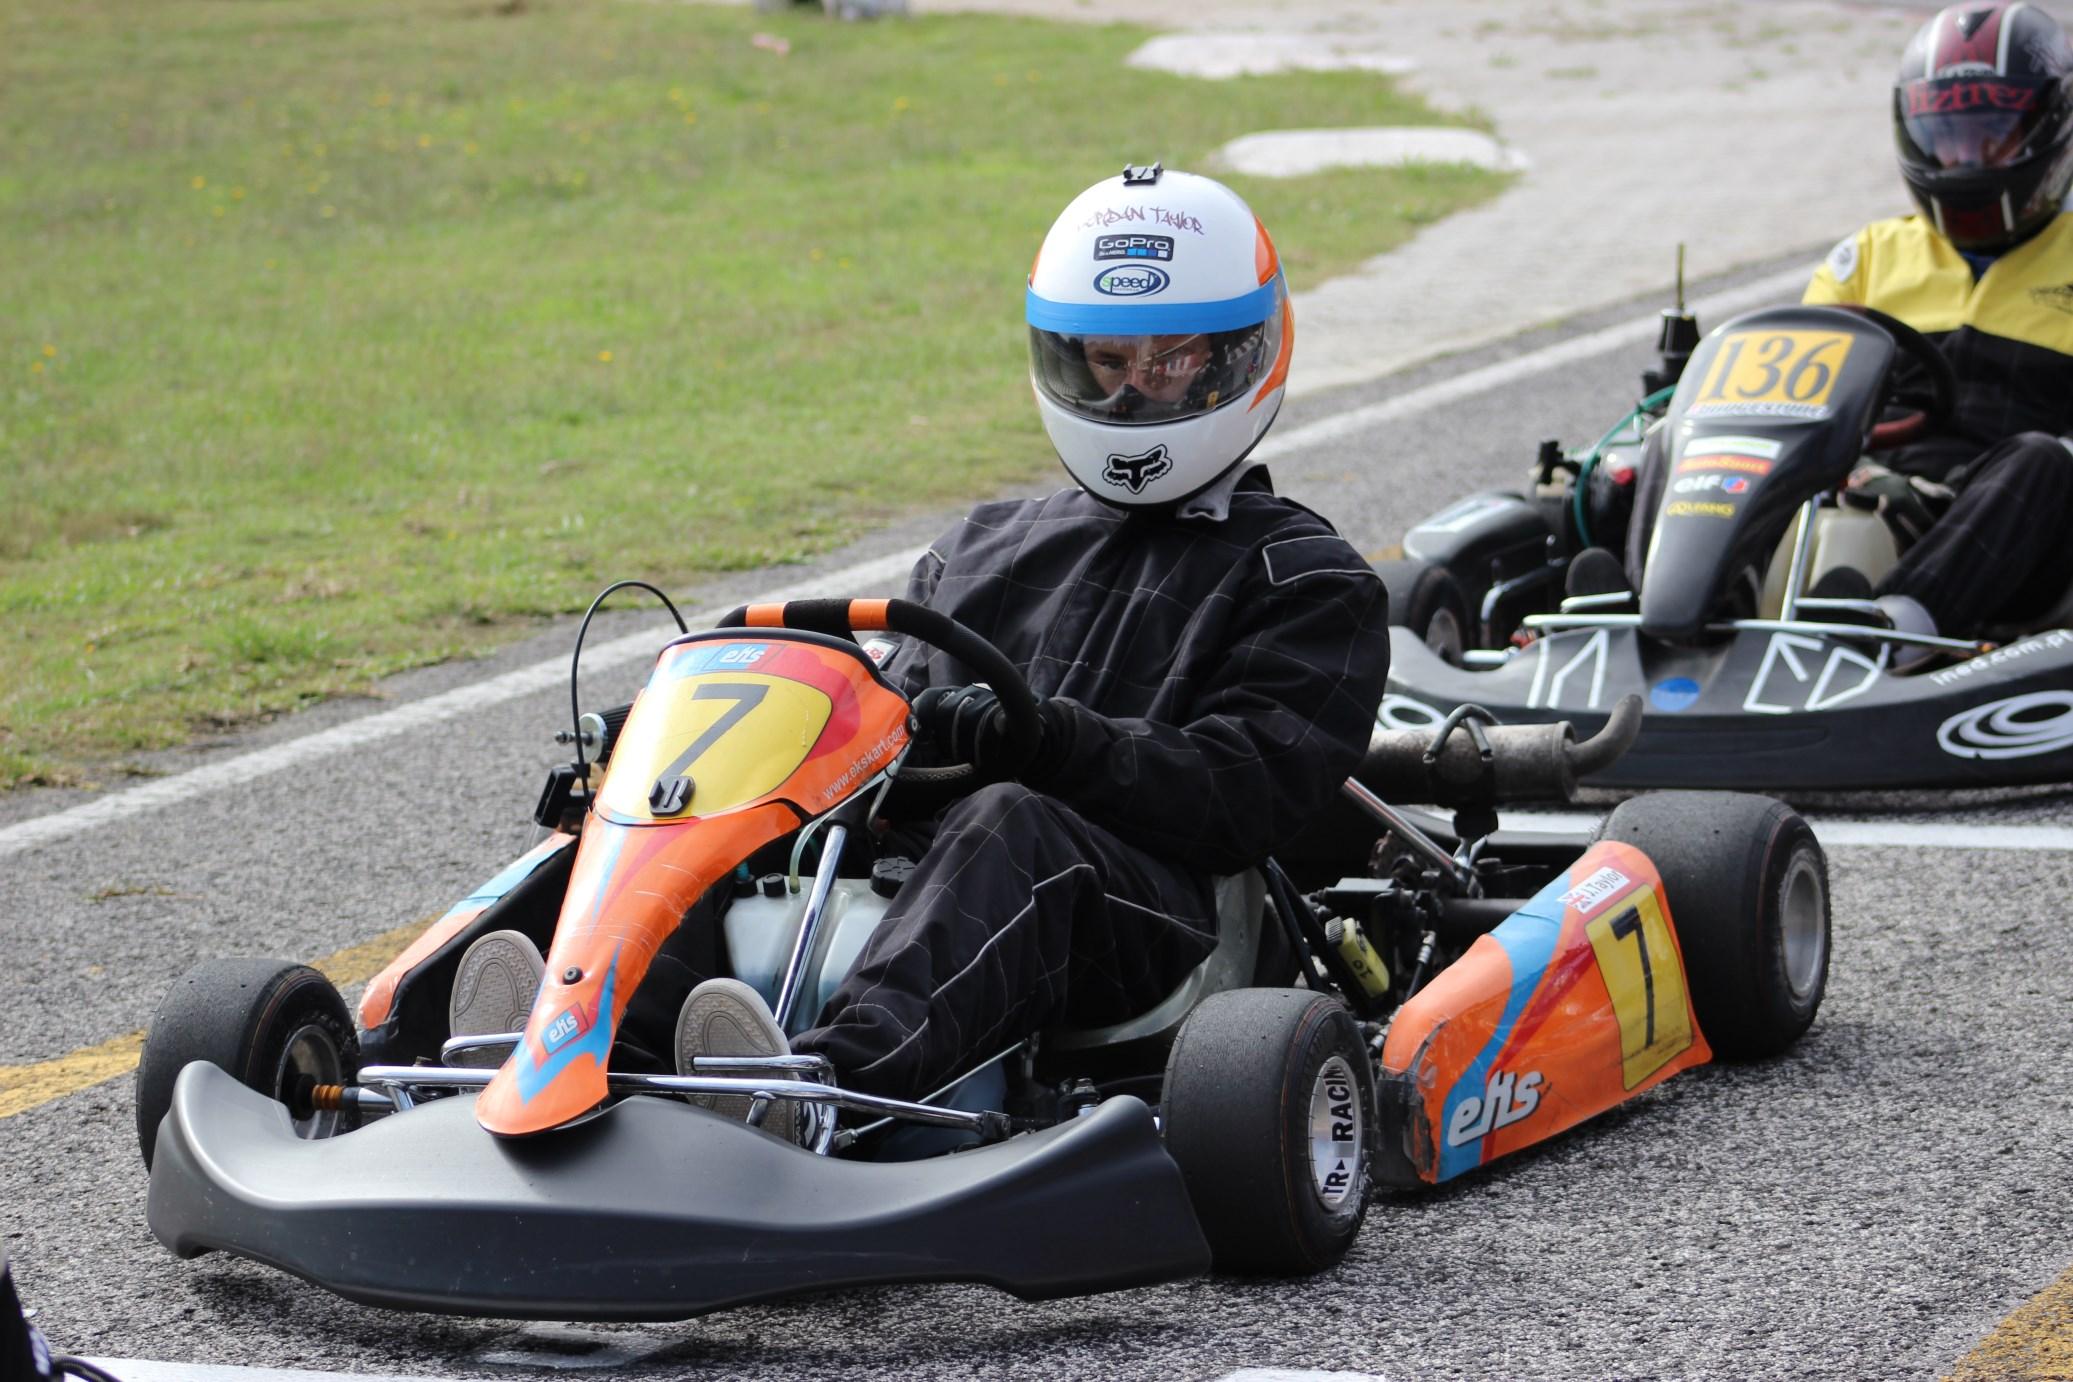 Troféu Honda 2014 - 4ª Prova195